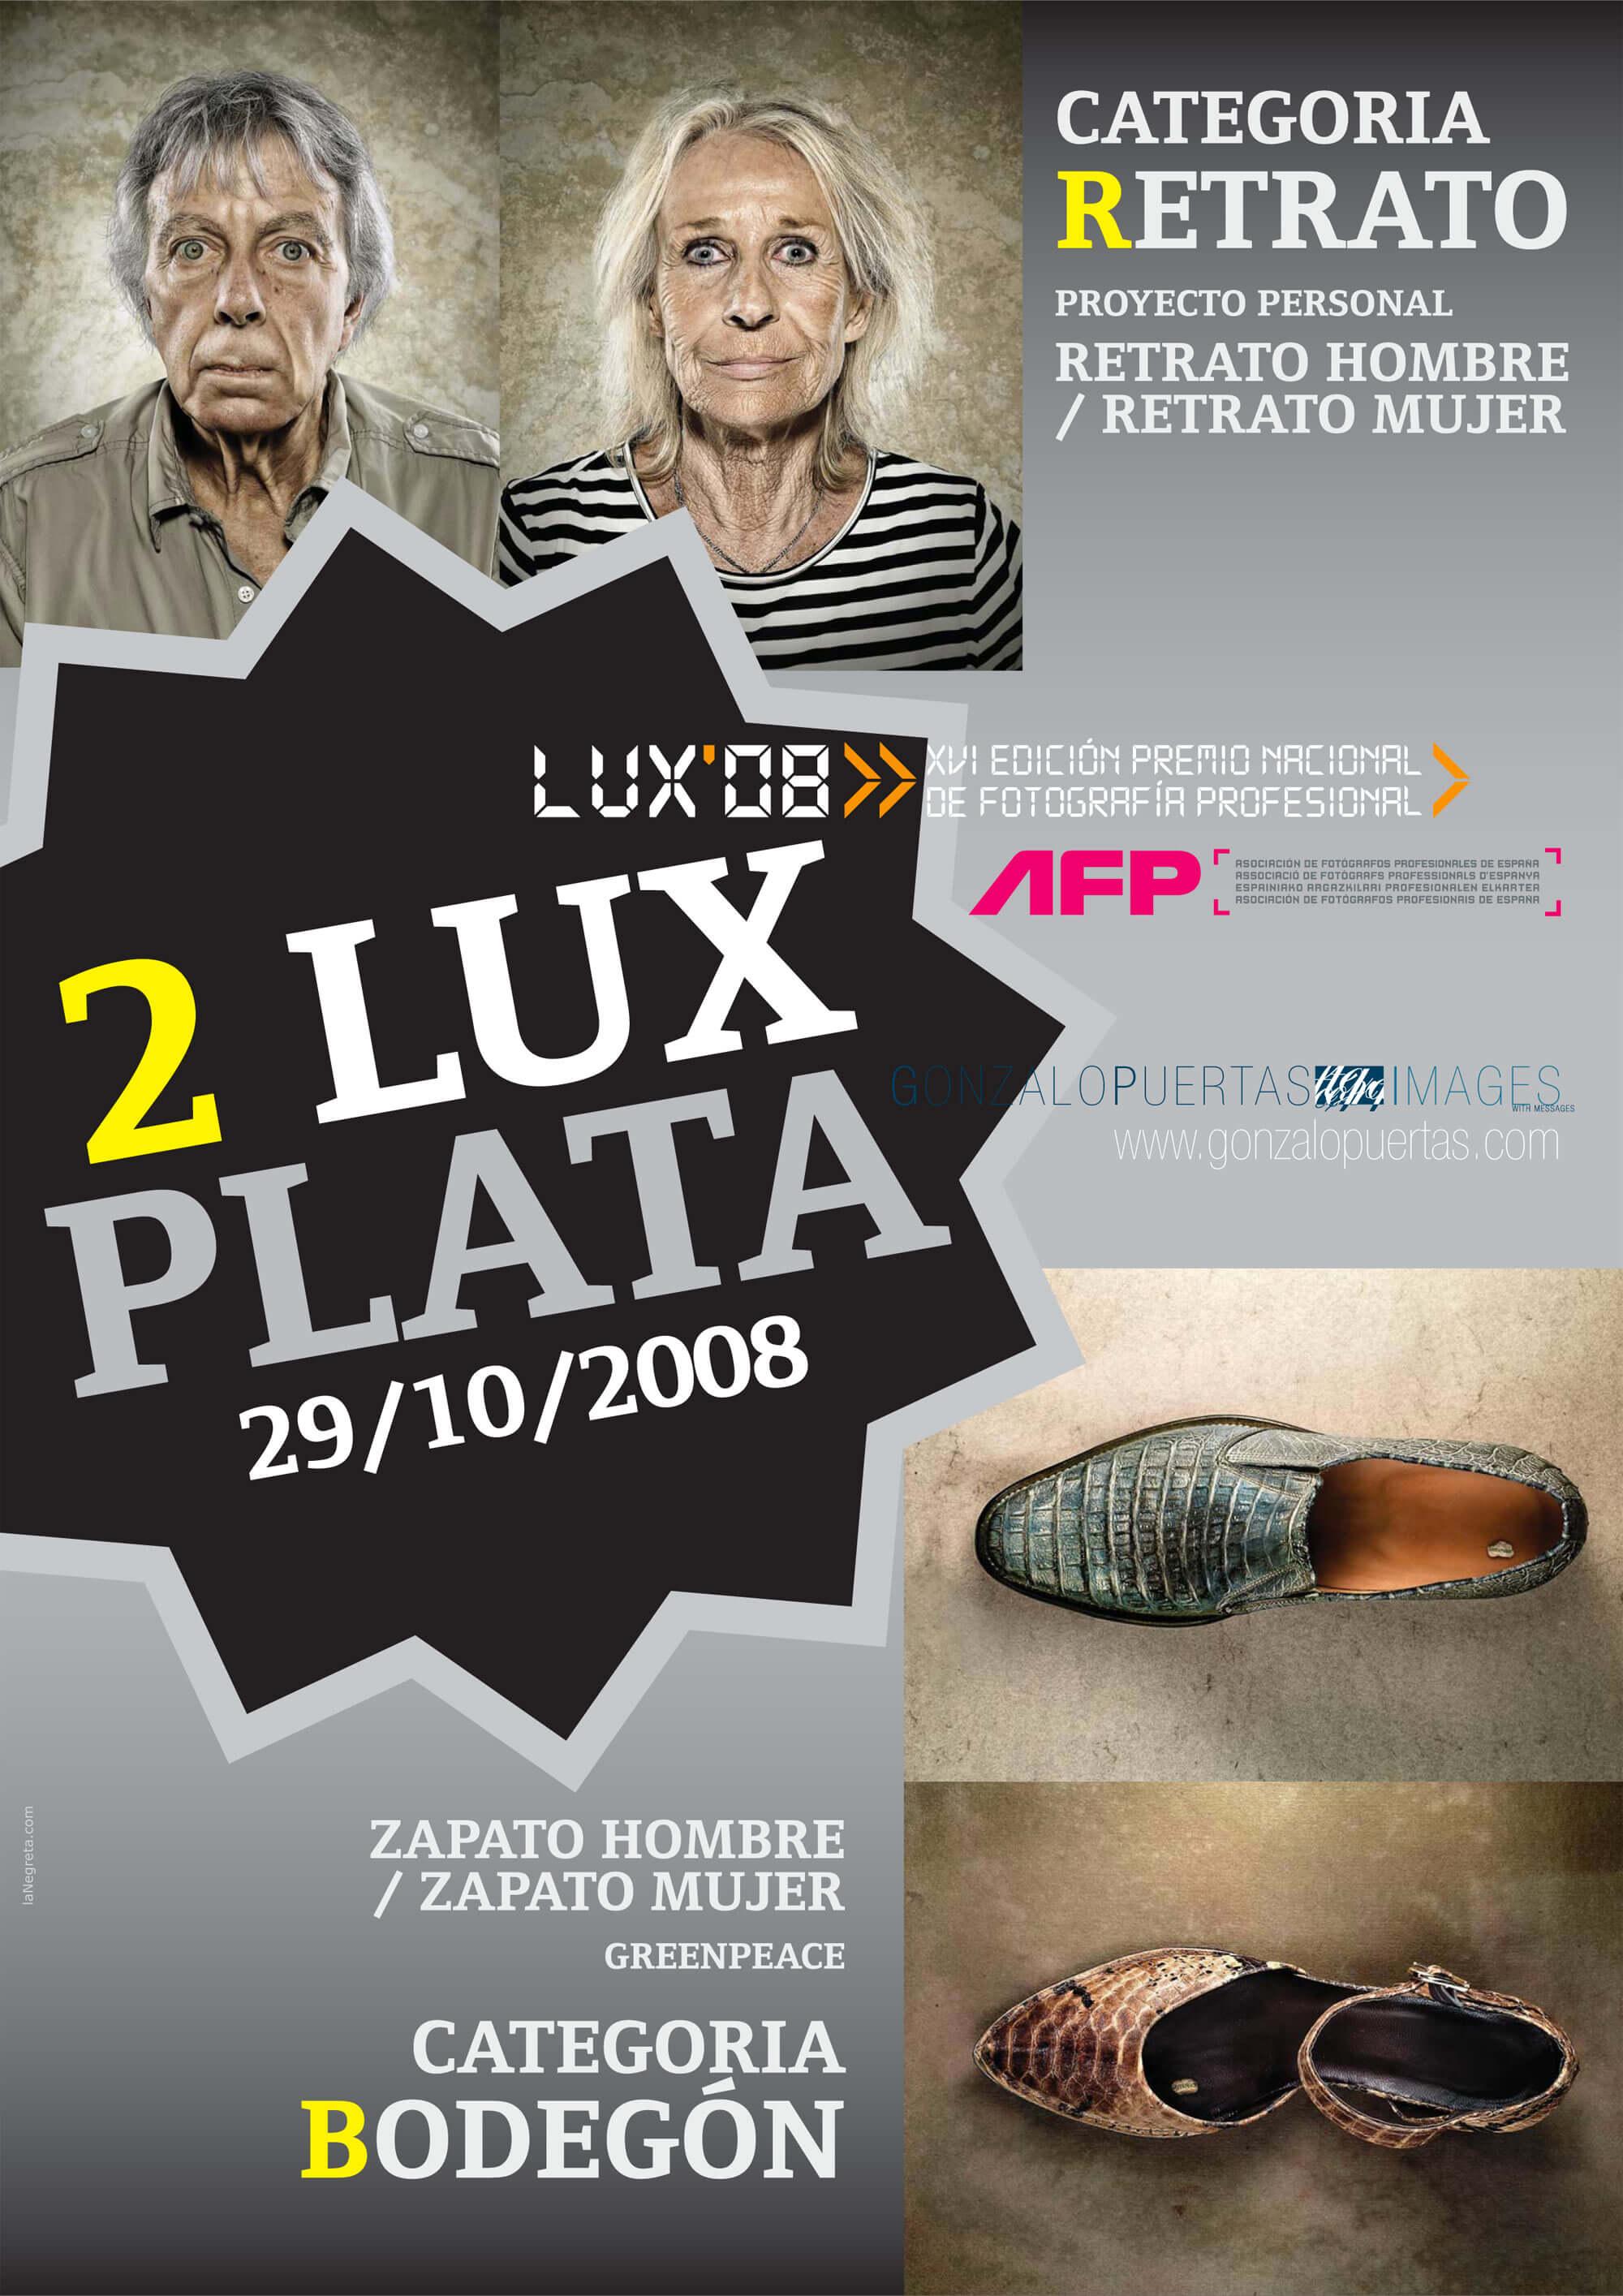 GP-LUX-PLATA-1.jpg